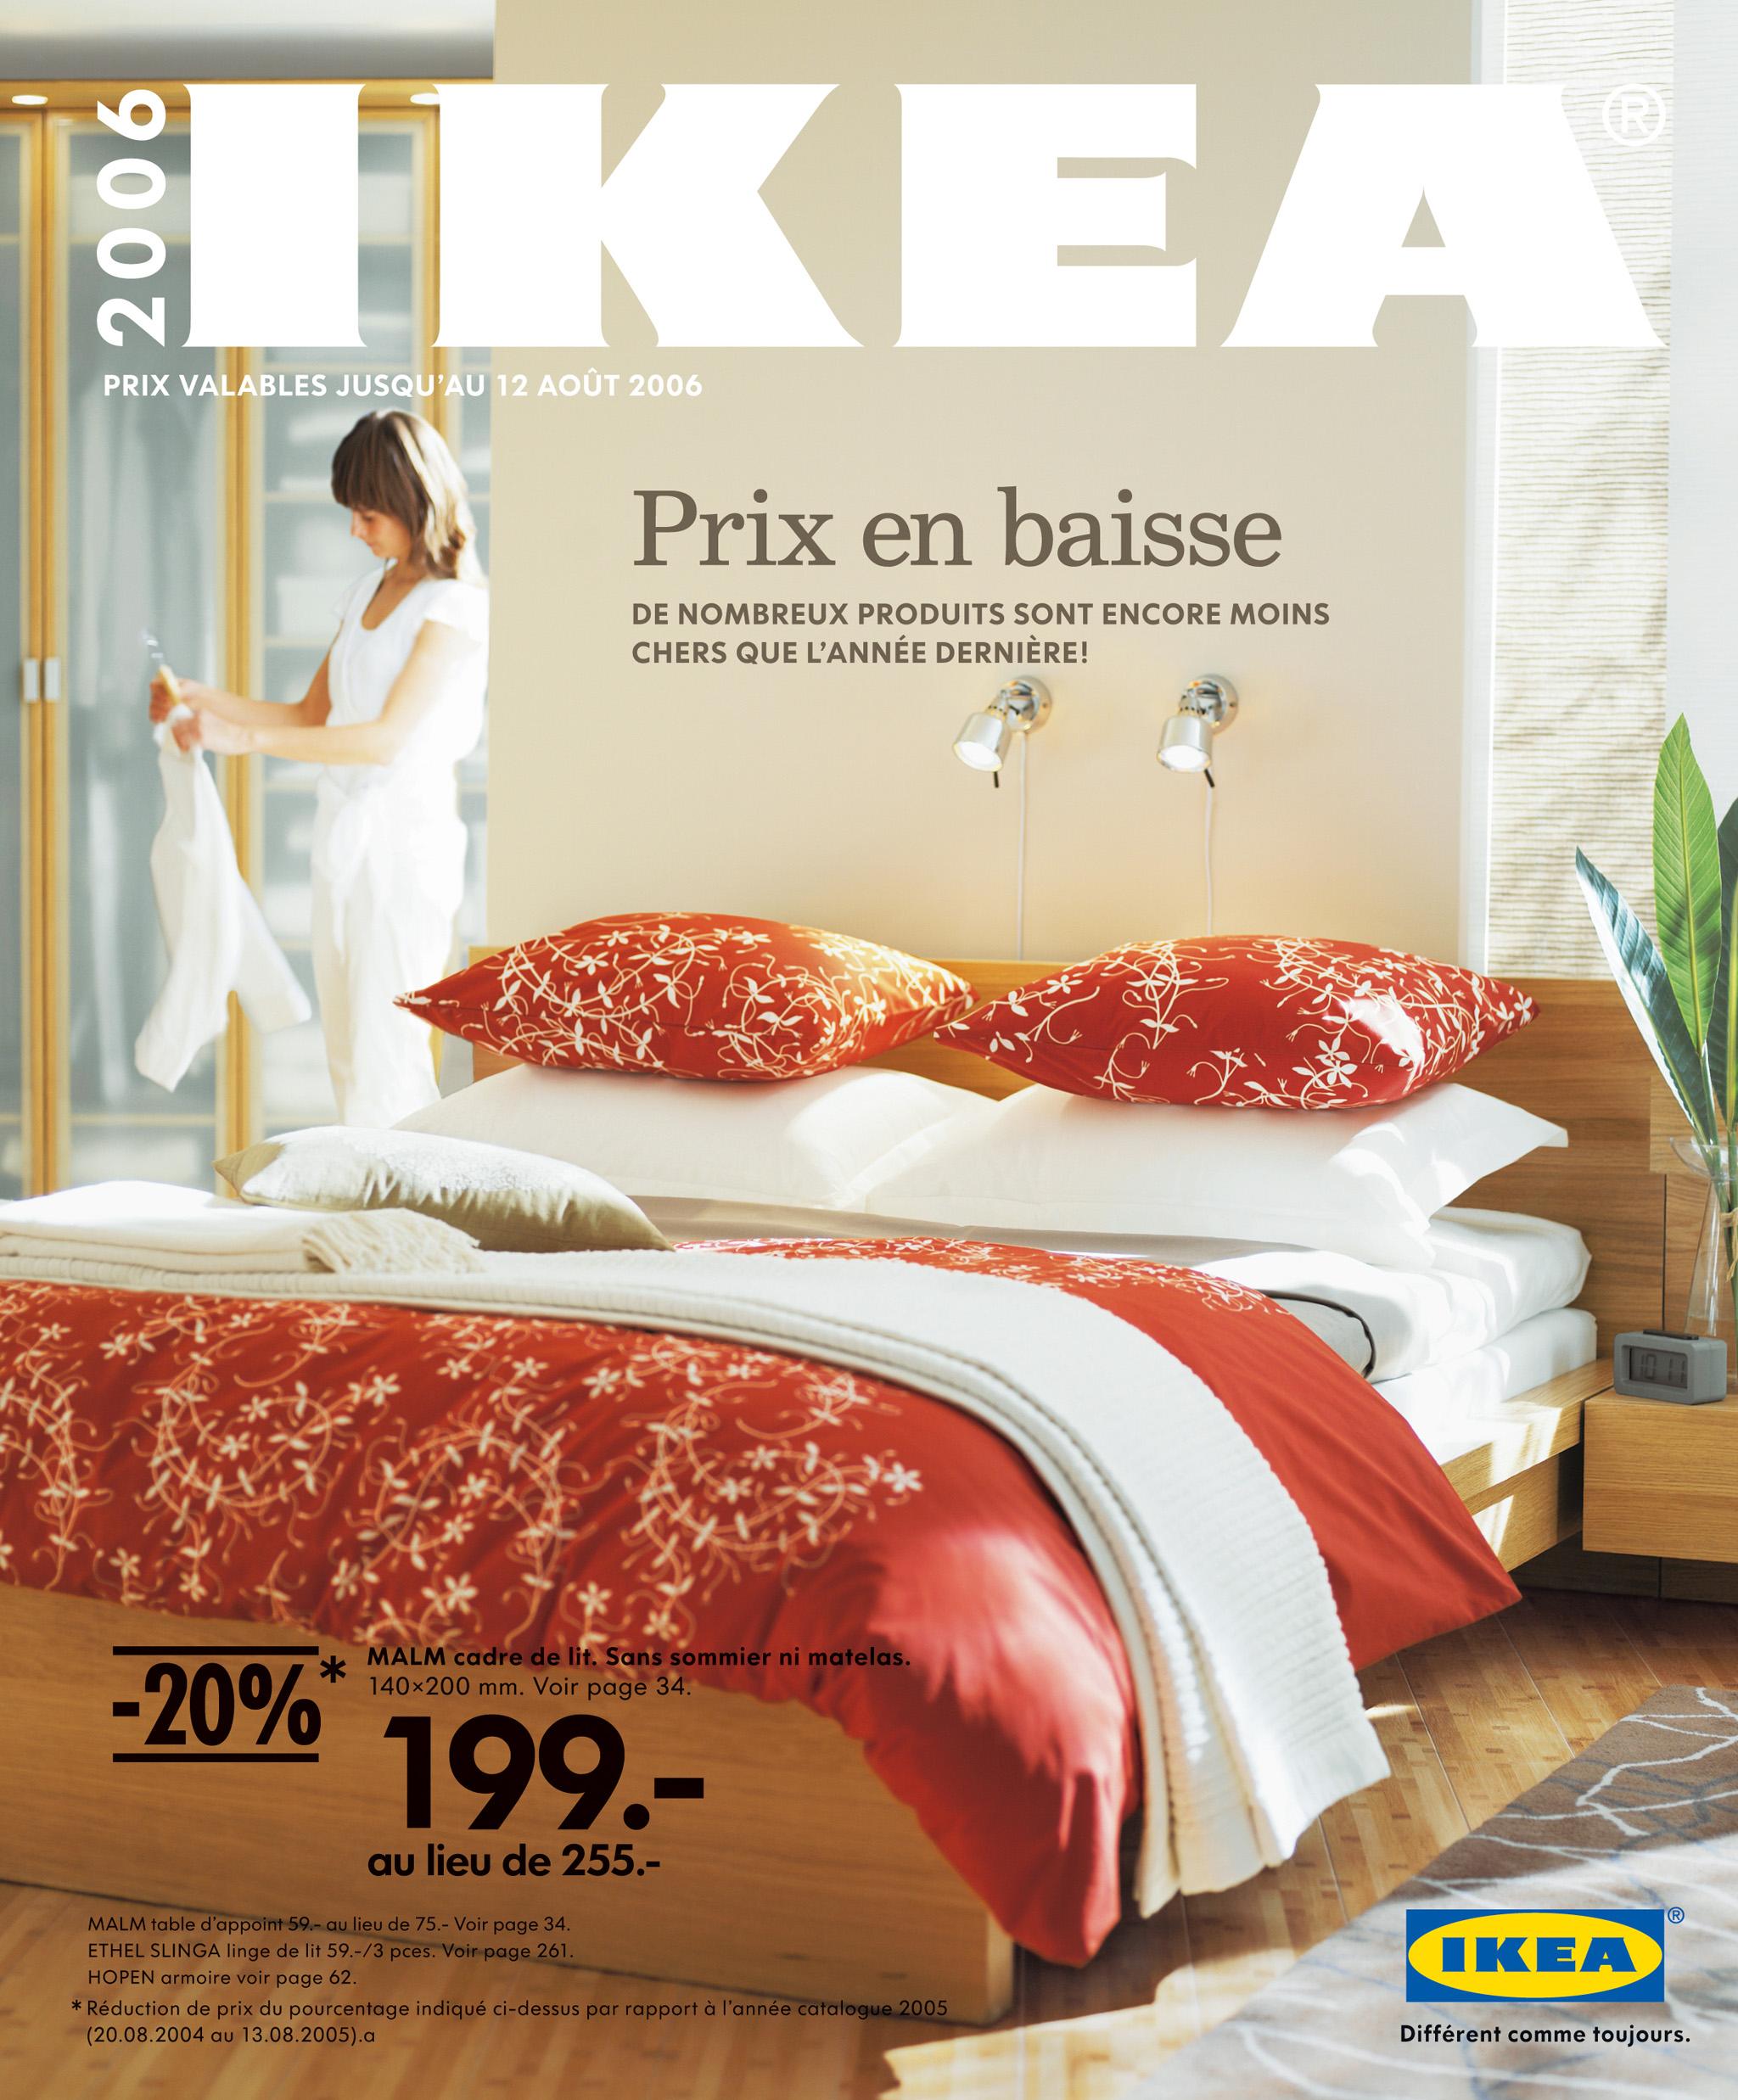 Ikea le magasin d 39 ameublement investit 30 millions de chf for Trois quarts matelas ikea